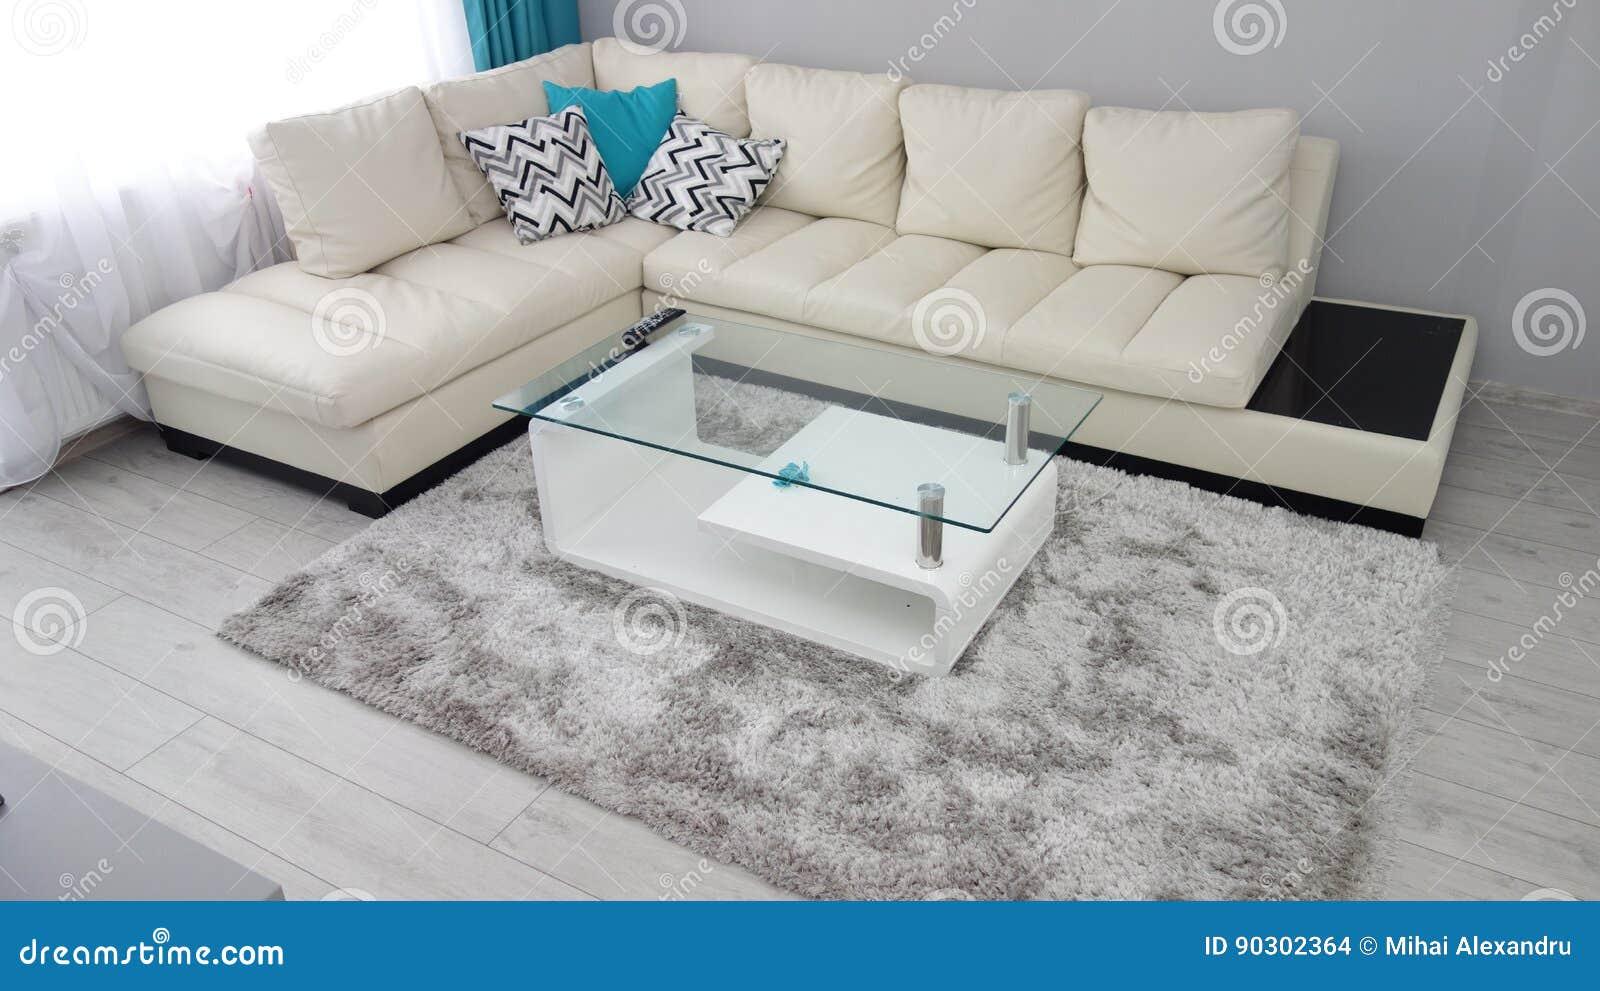 Kleine Wohnungswohnzimmer-Designidee, Ledercouch, Umkleidekabine ...